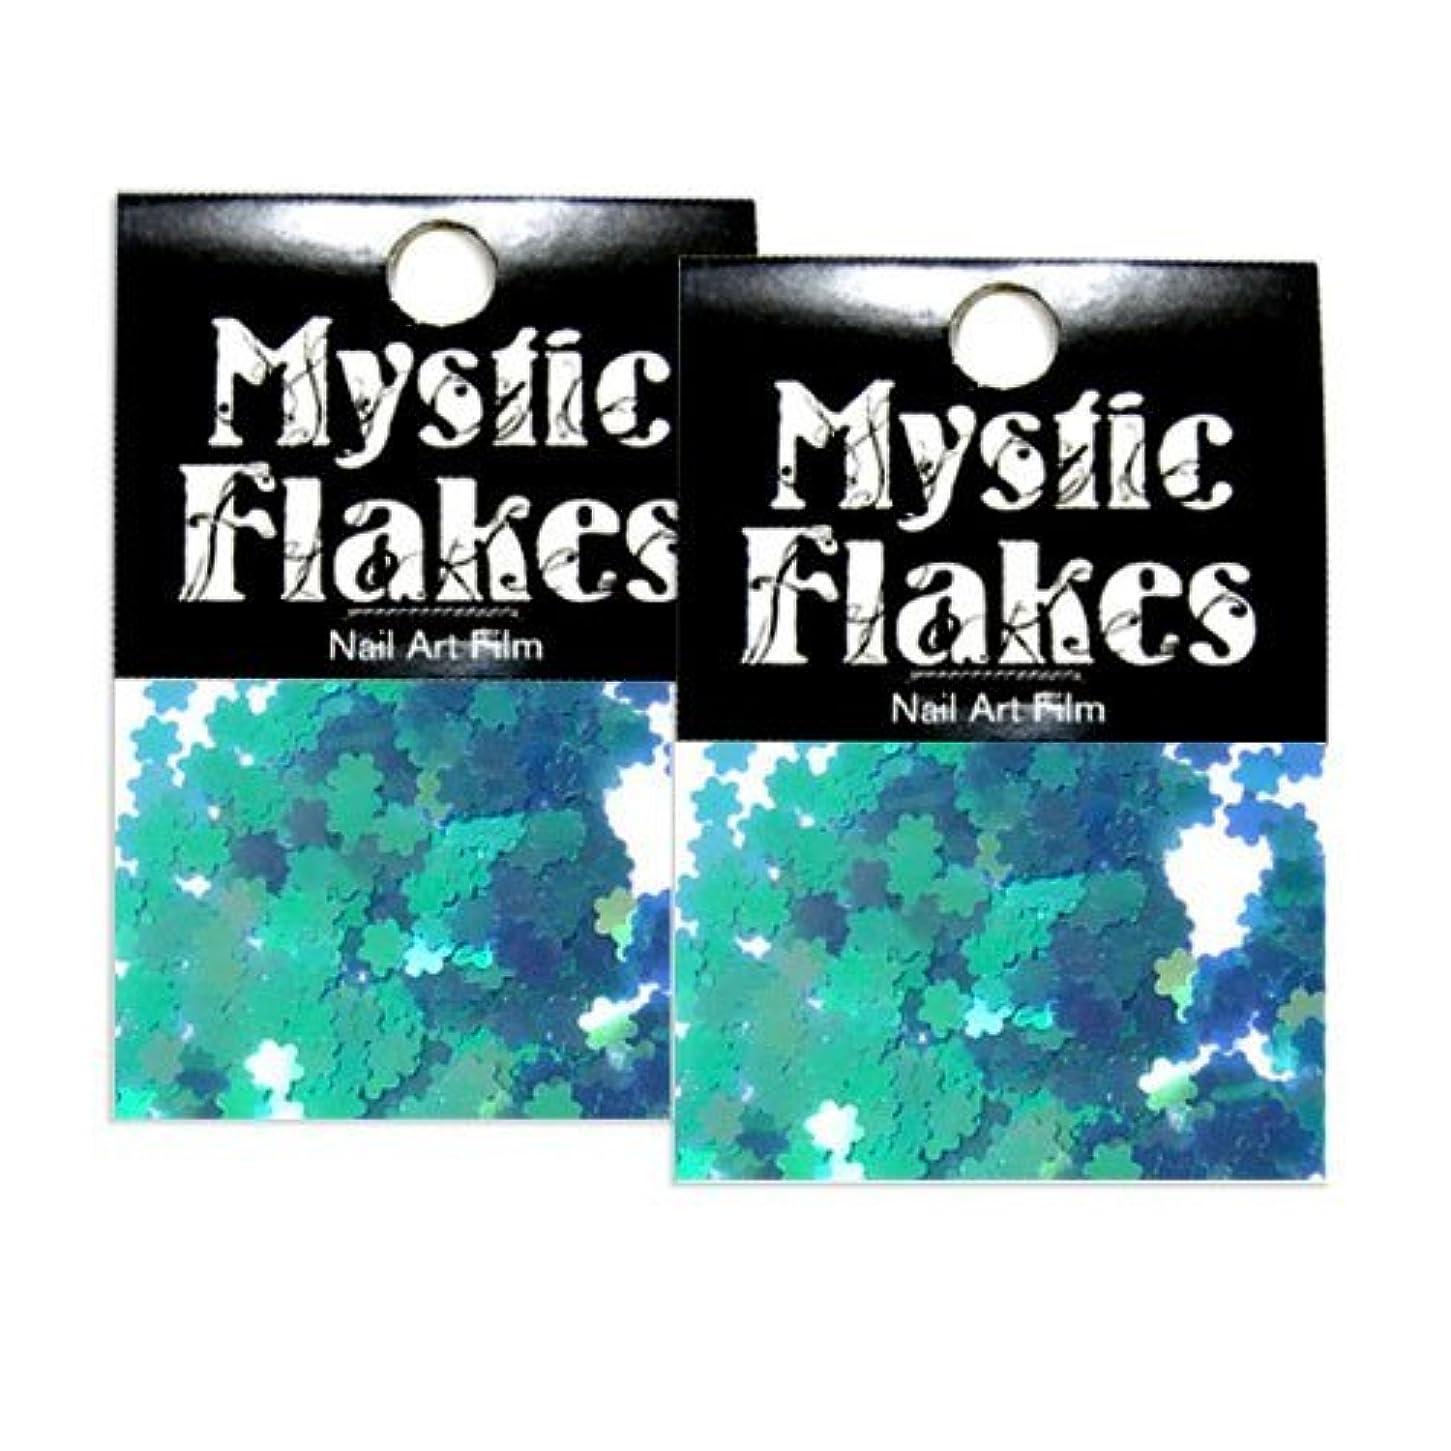 封筒生まれ有効なミスティックフレース ネイル用ストーン カメレオンターコイズグリーン フラワー 0.5g 2個セット